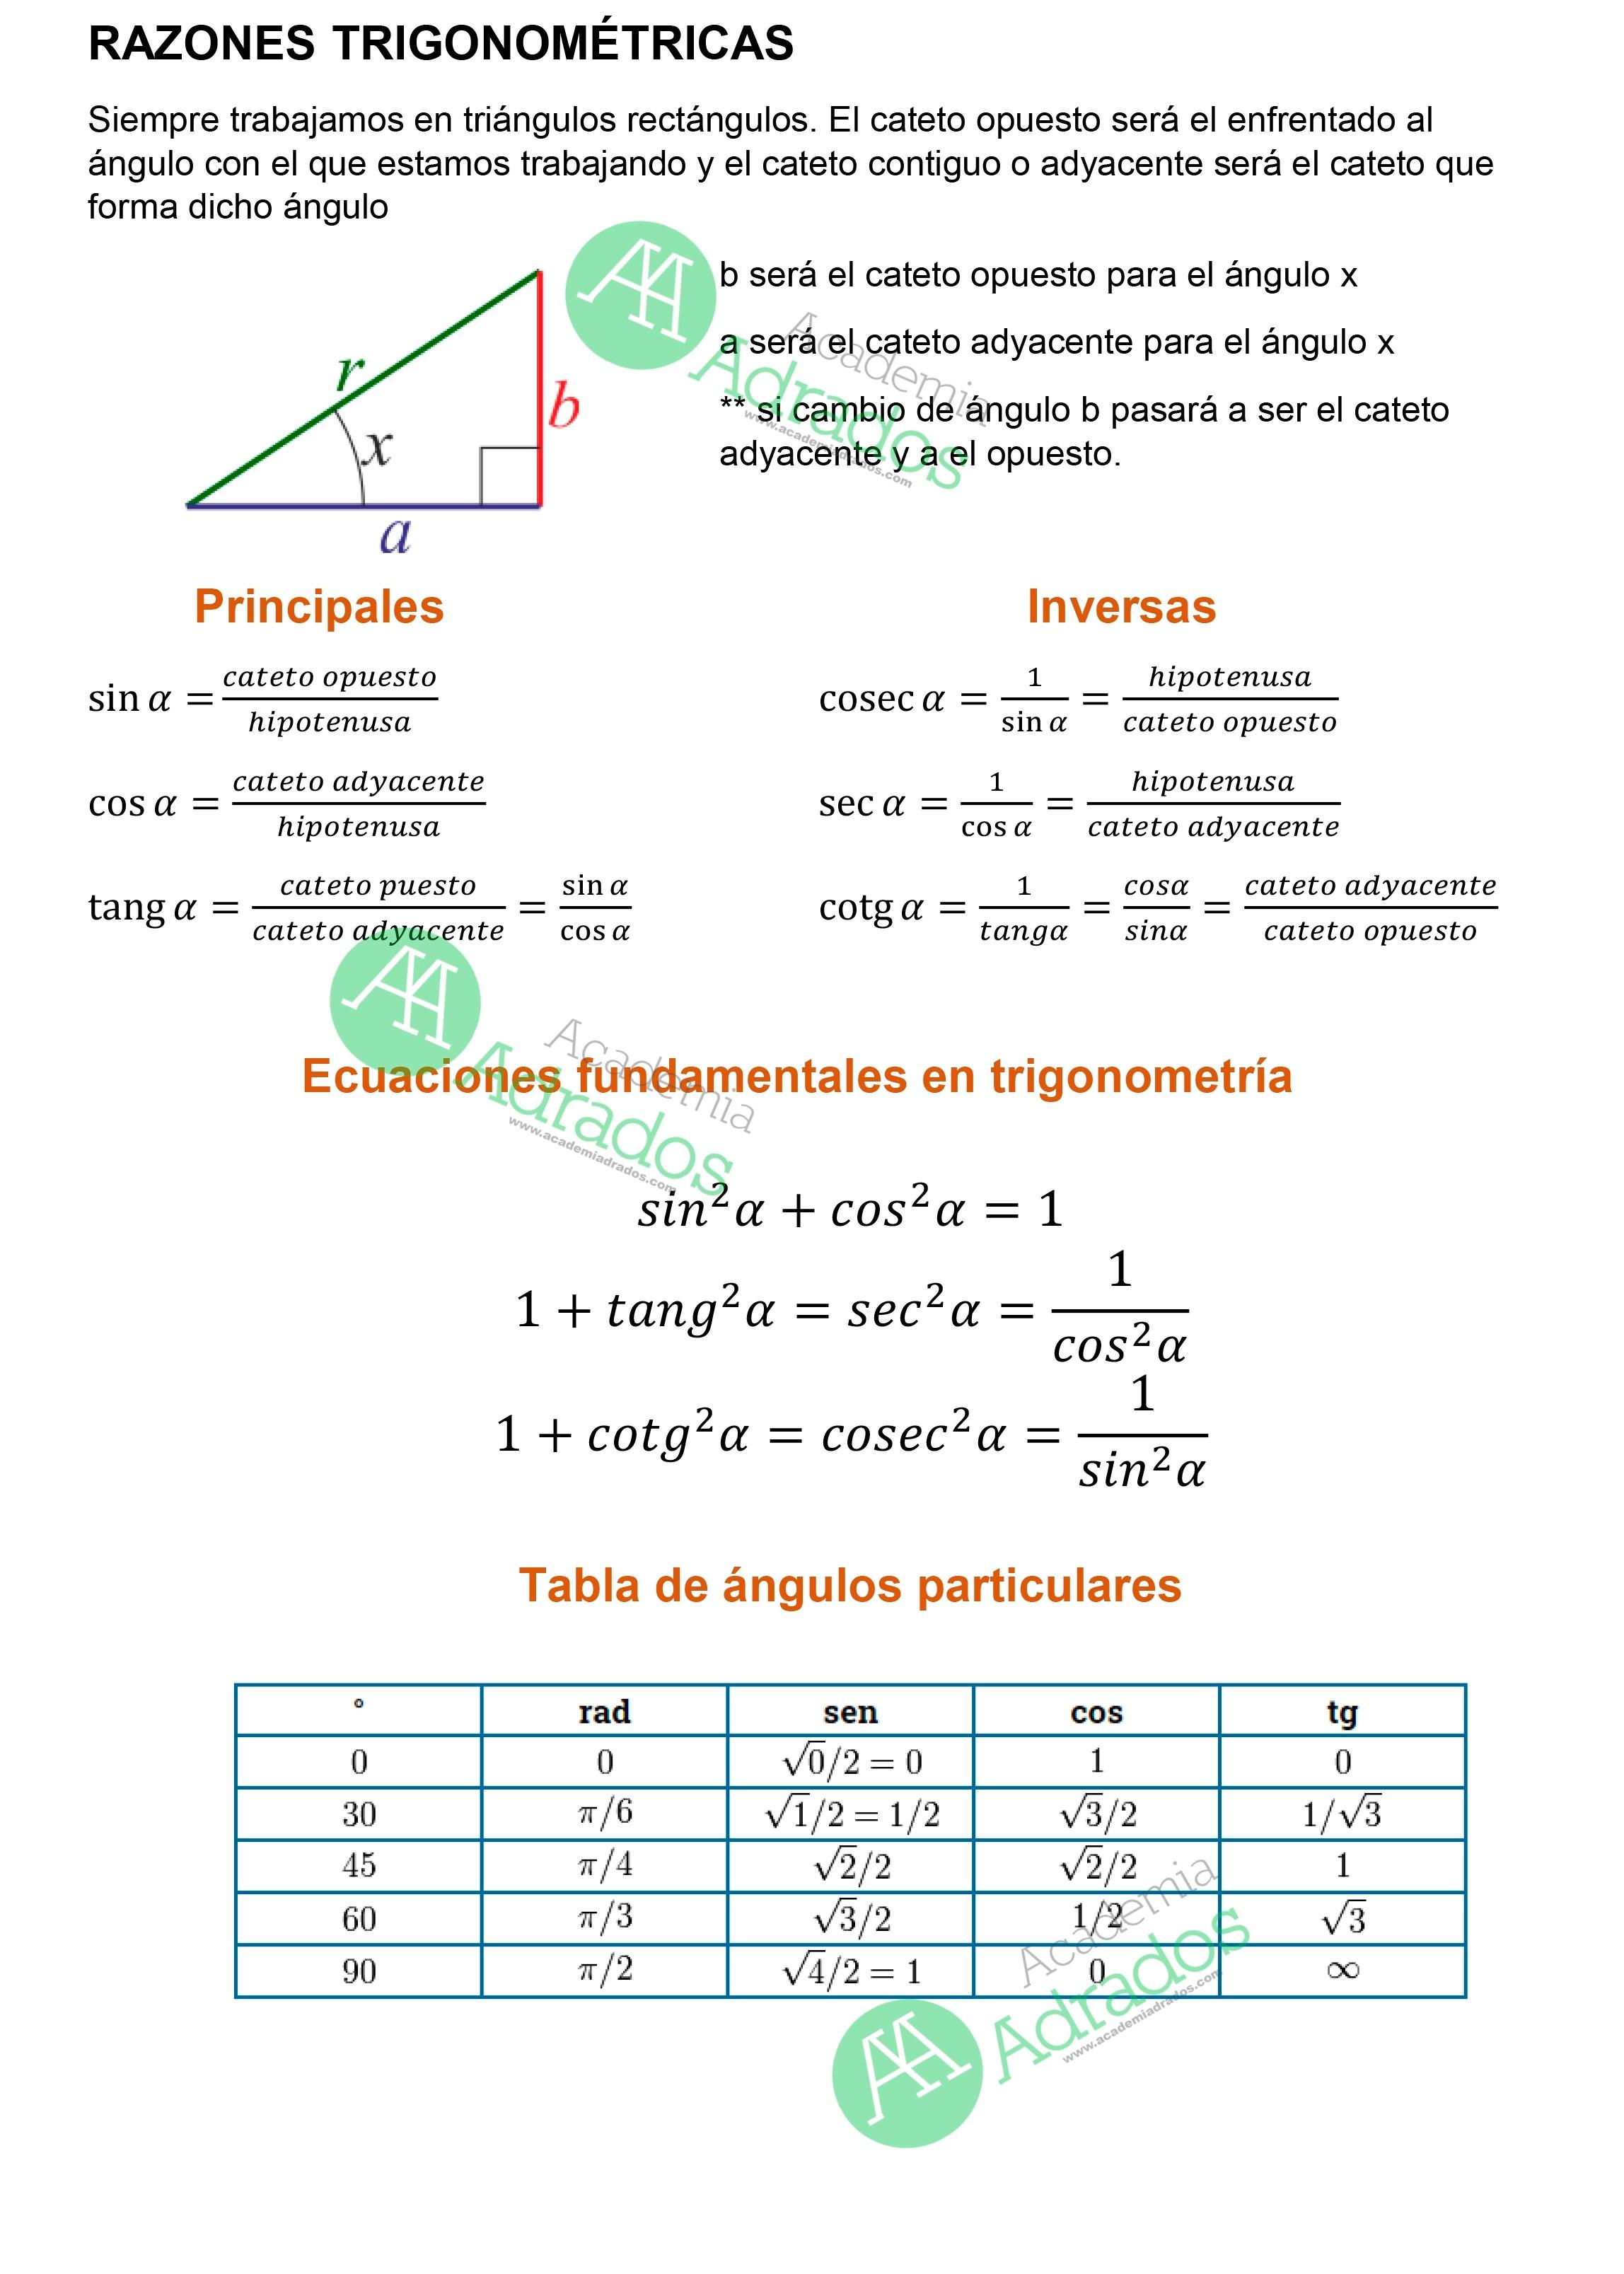 R.Trigonométricas